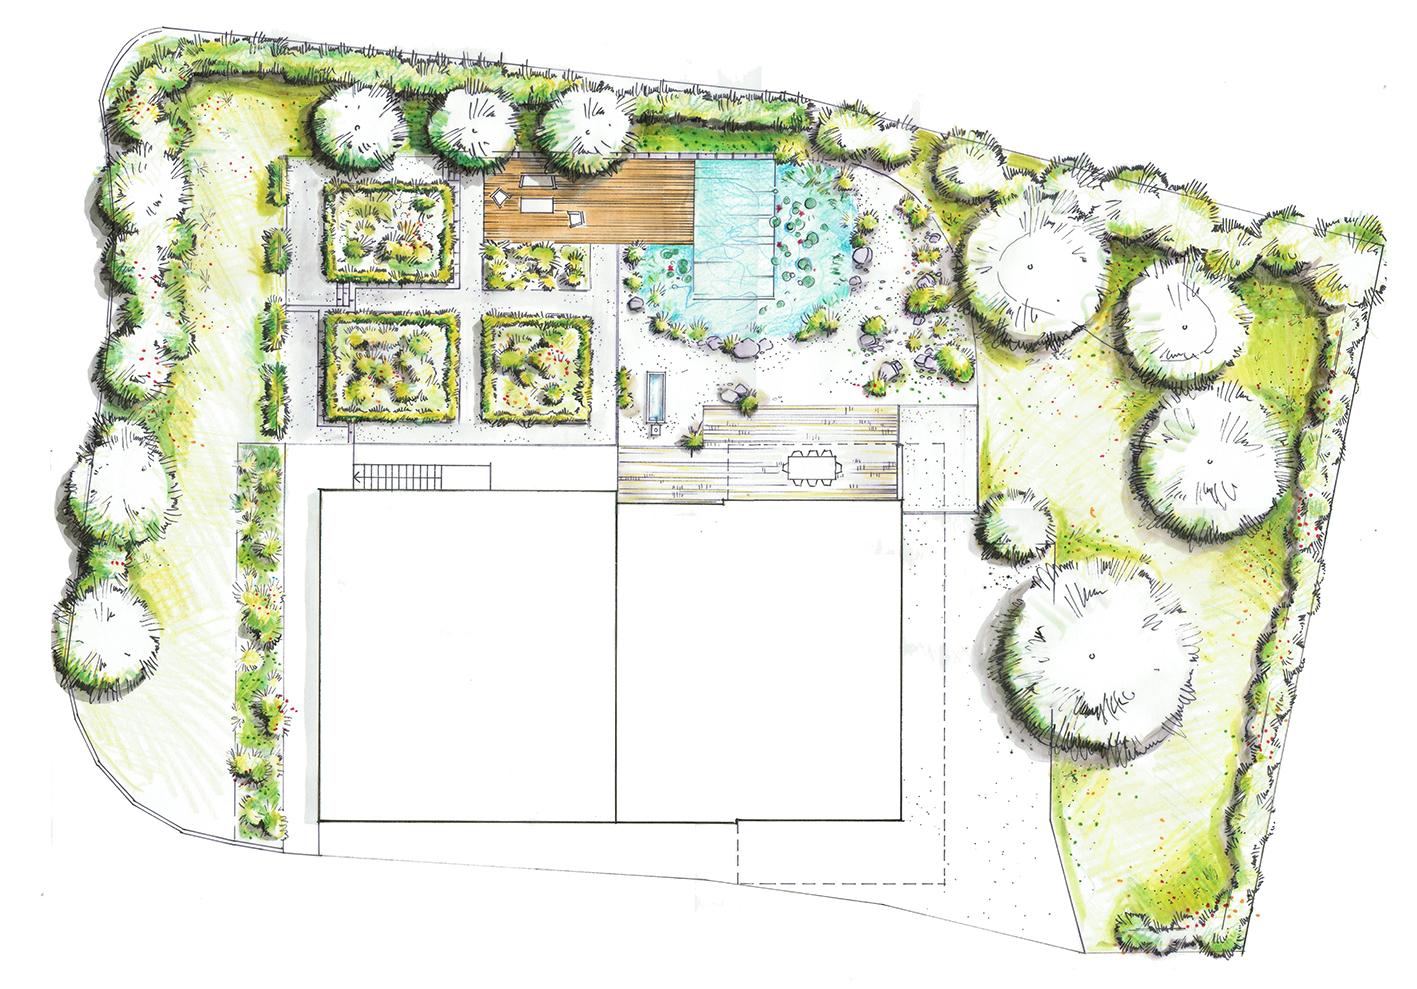 Grundriss - Bauerngarten mit Schwimmteich